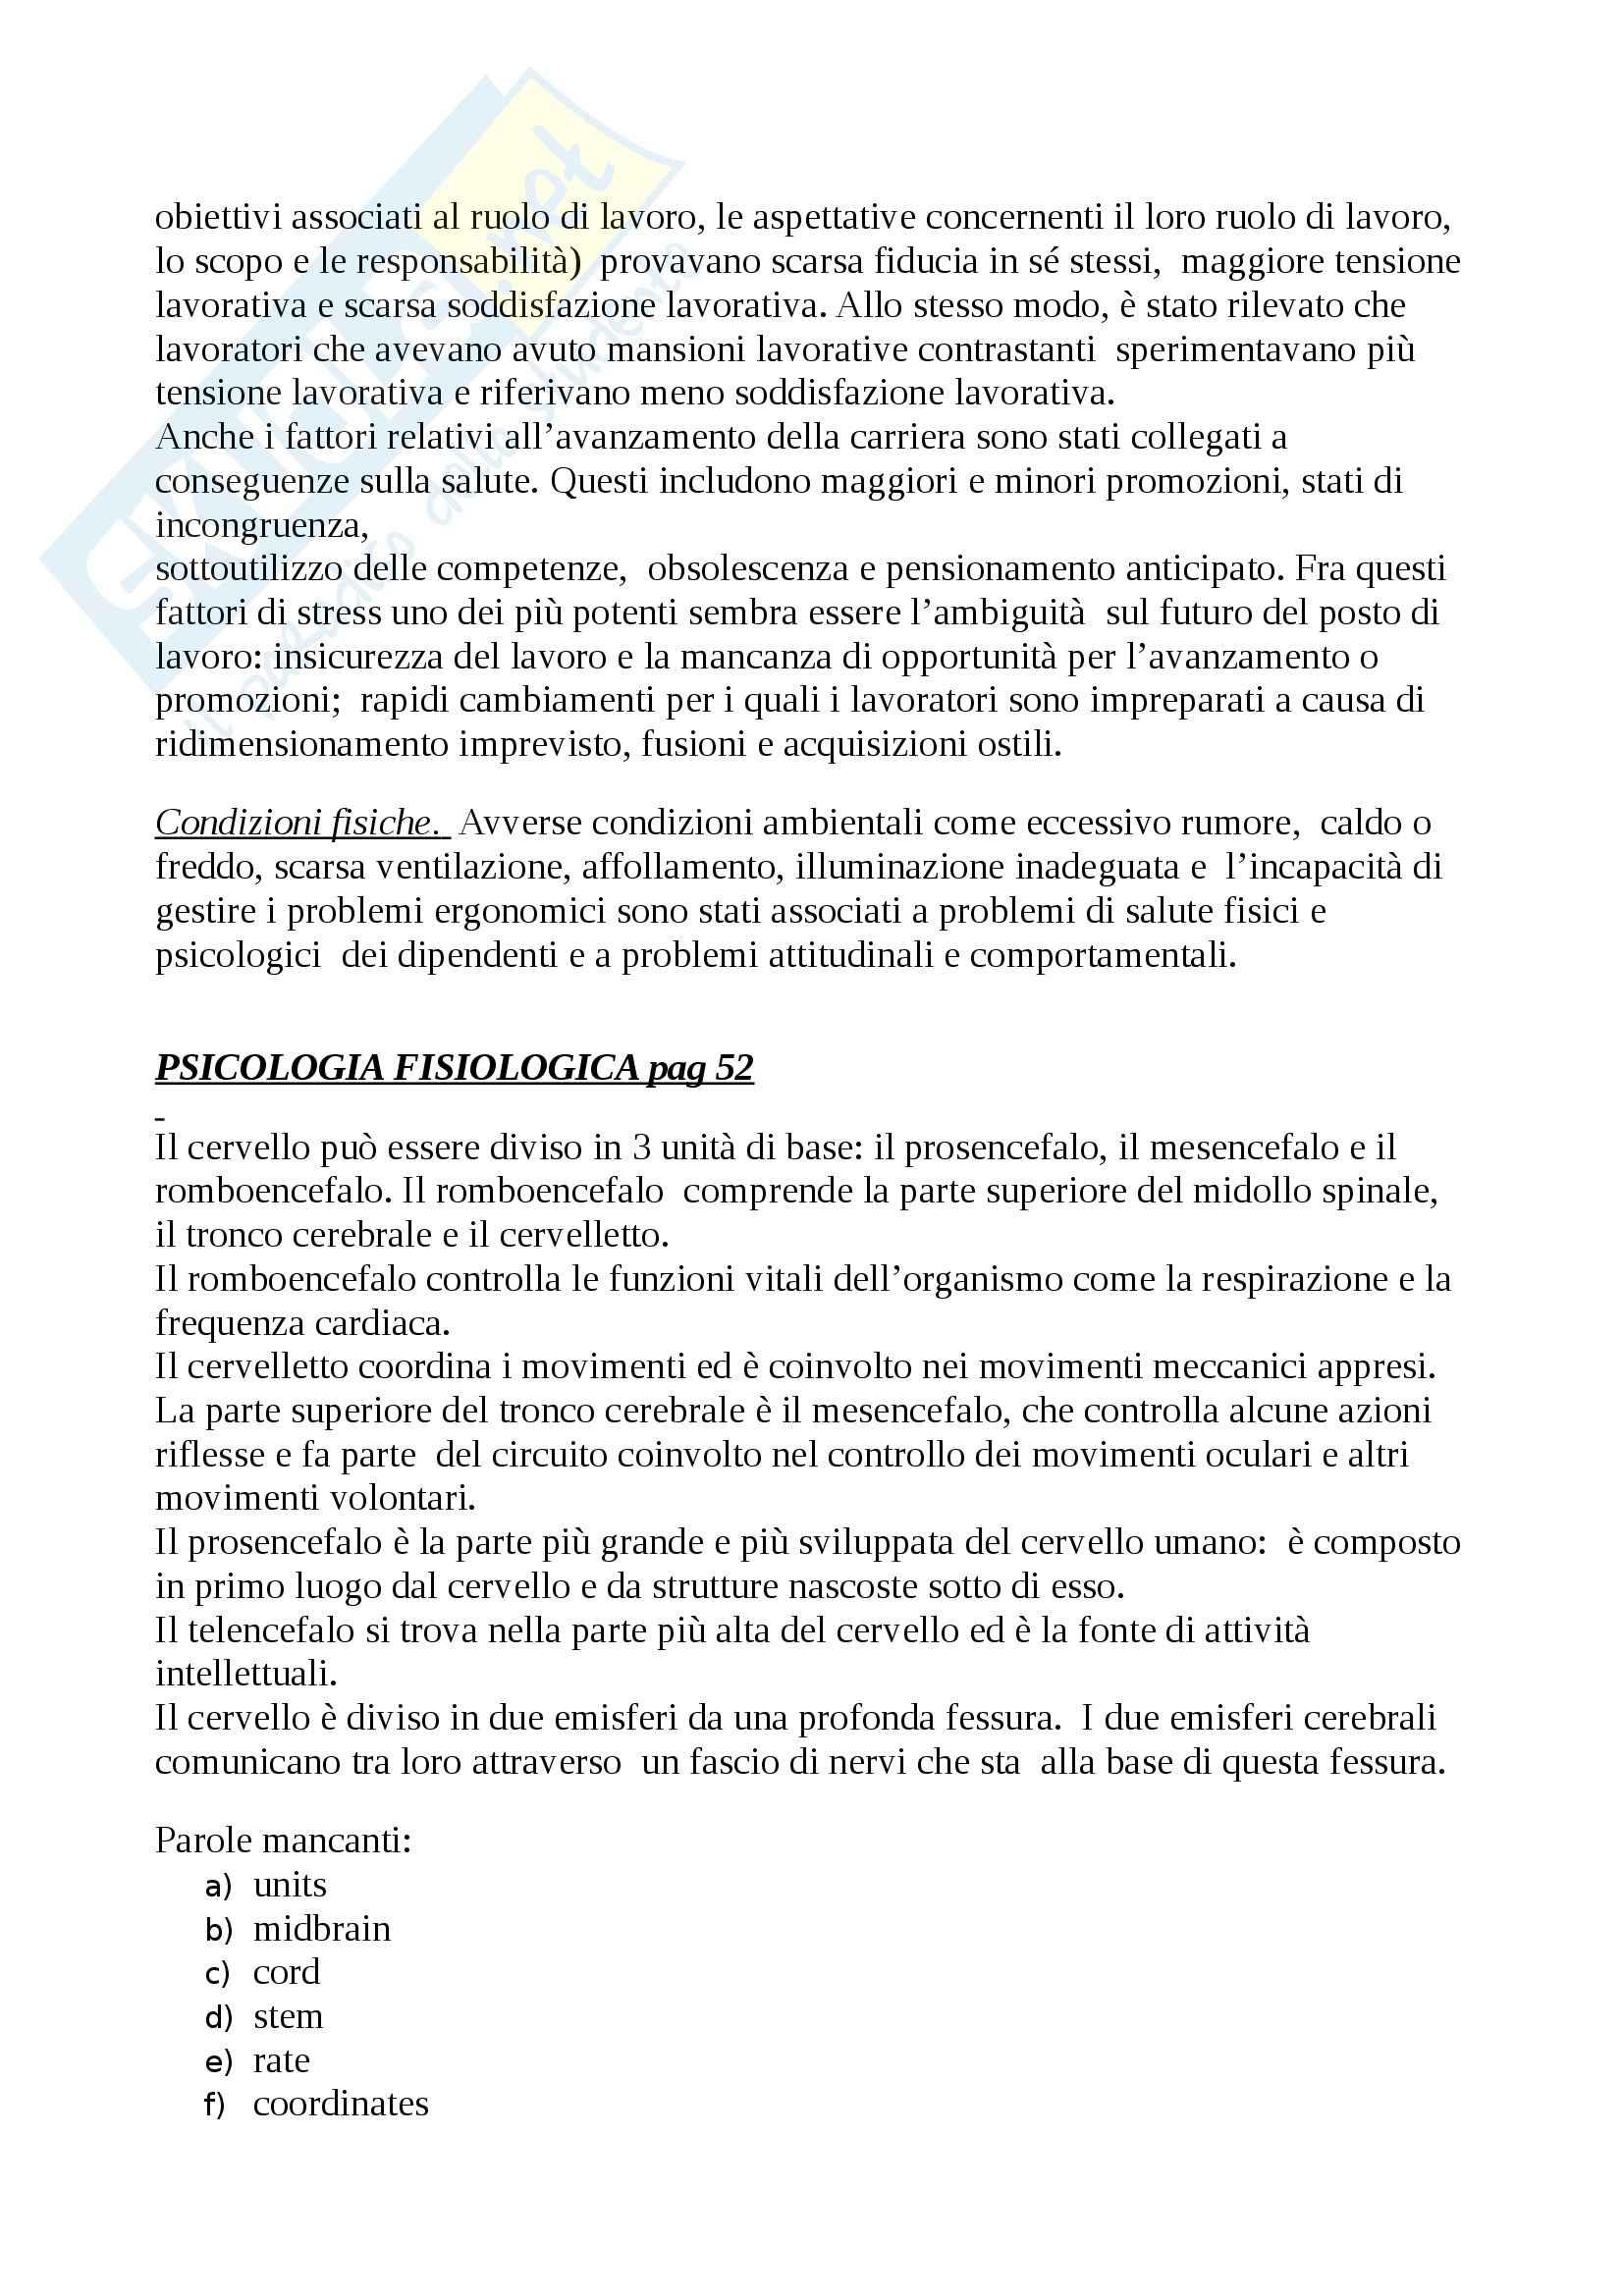 Inglese per la psicologia - traduzione testi Pag. 2